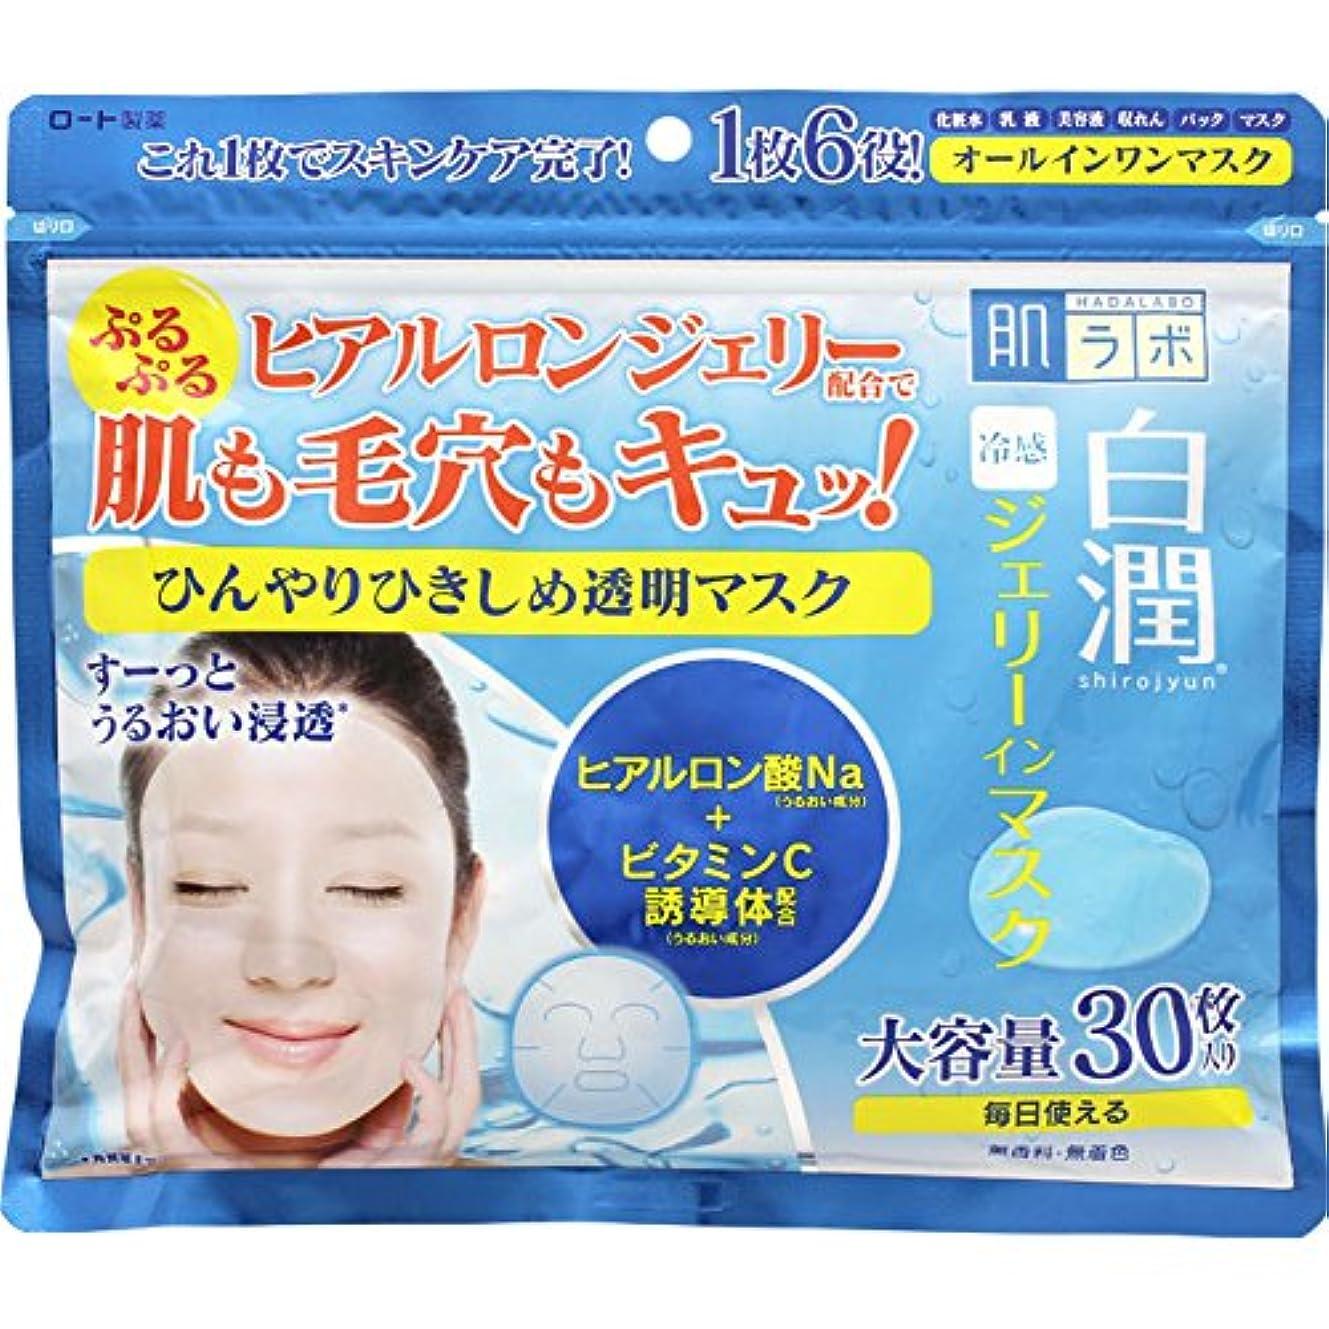 艦隊たらい経験者肌ラボ 白潤 冷感ジェリーインマスク 化粧水?乳液?美容液?収れん?パック?マスクの1枚6役 大容量30枚